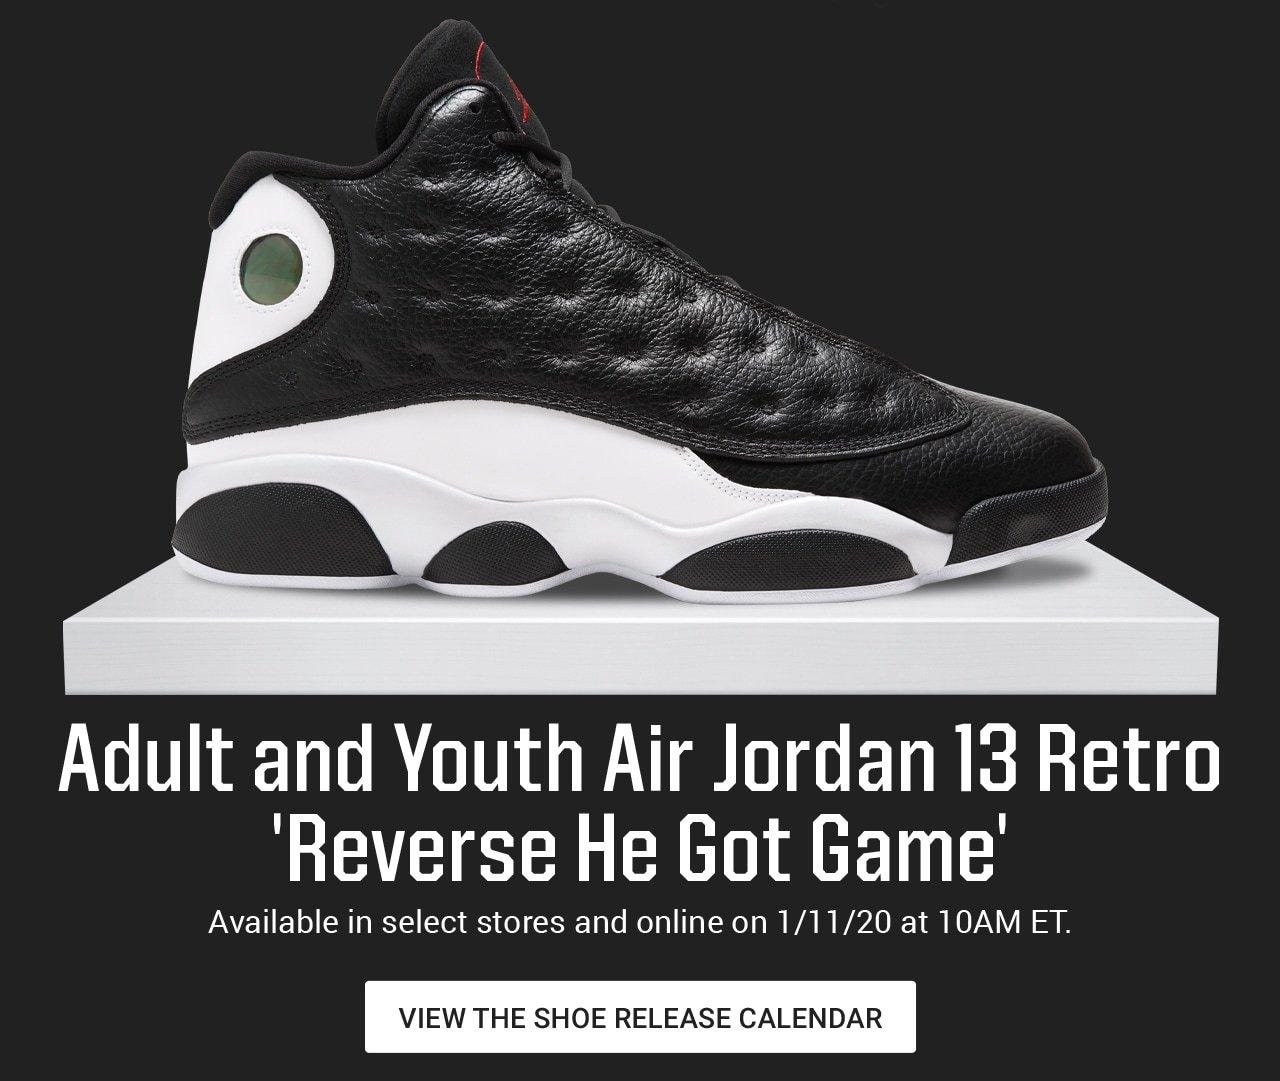 Dick S Sporting Goods Air Jordan 13 Retro Reverse He Got Game